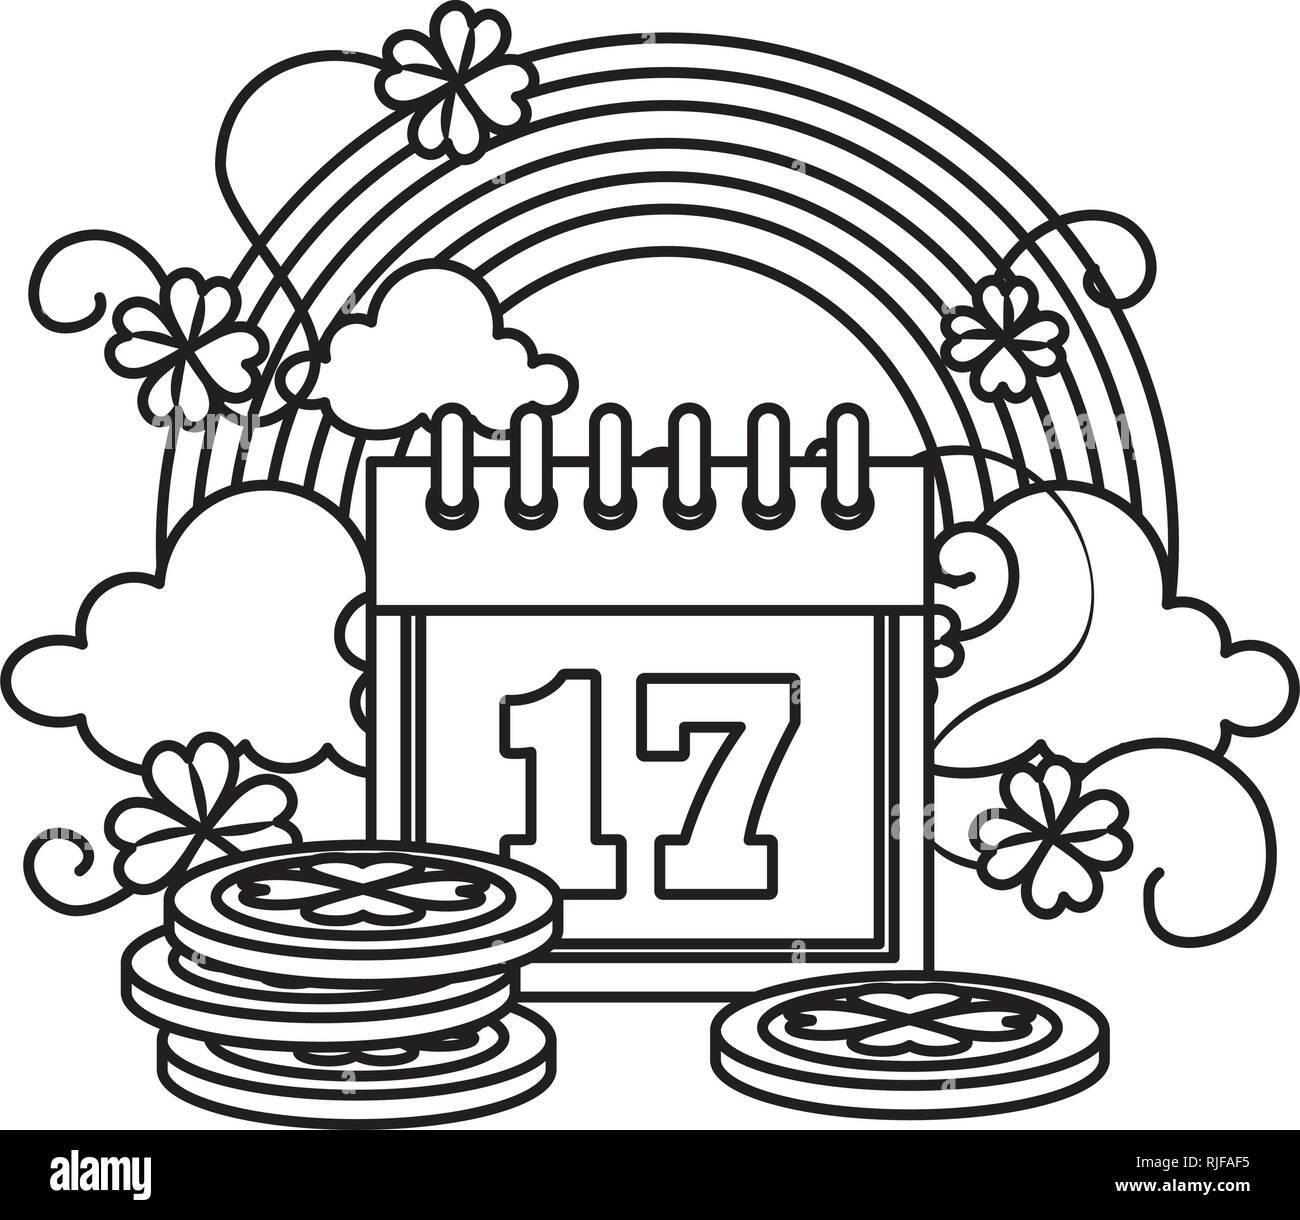 Calendario Rainbow.Pila Di Monete Con Il Calendario E Rainbow Illustrazione